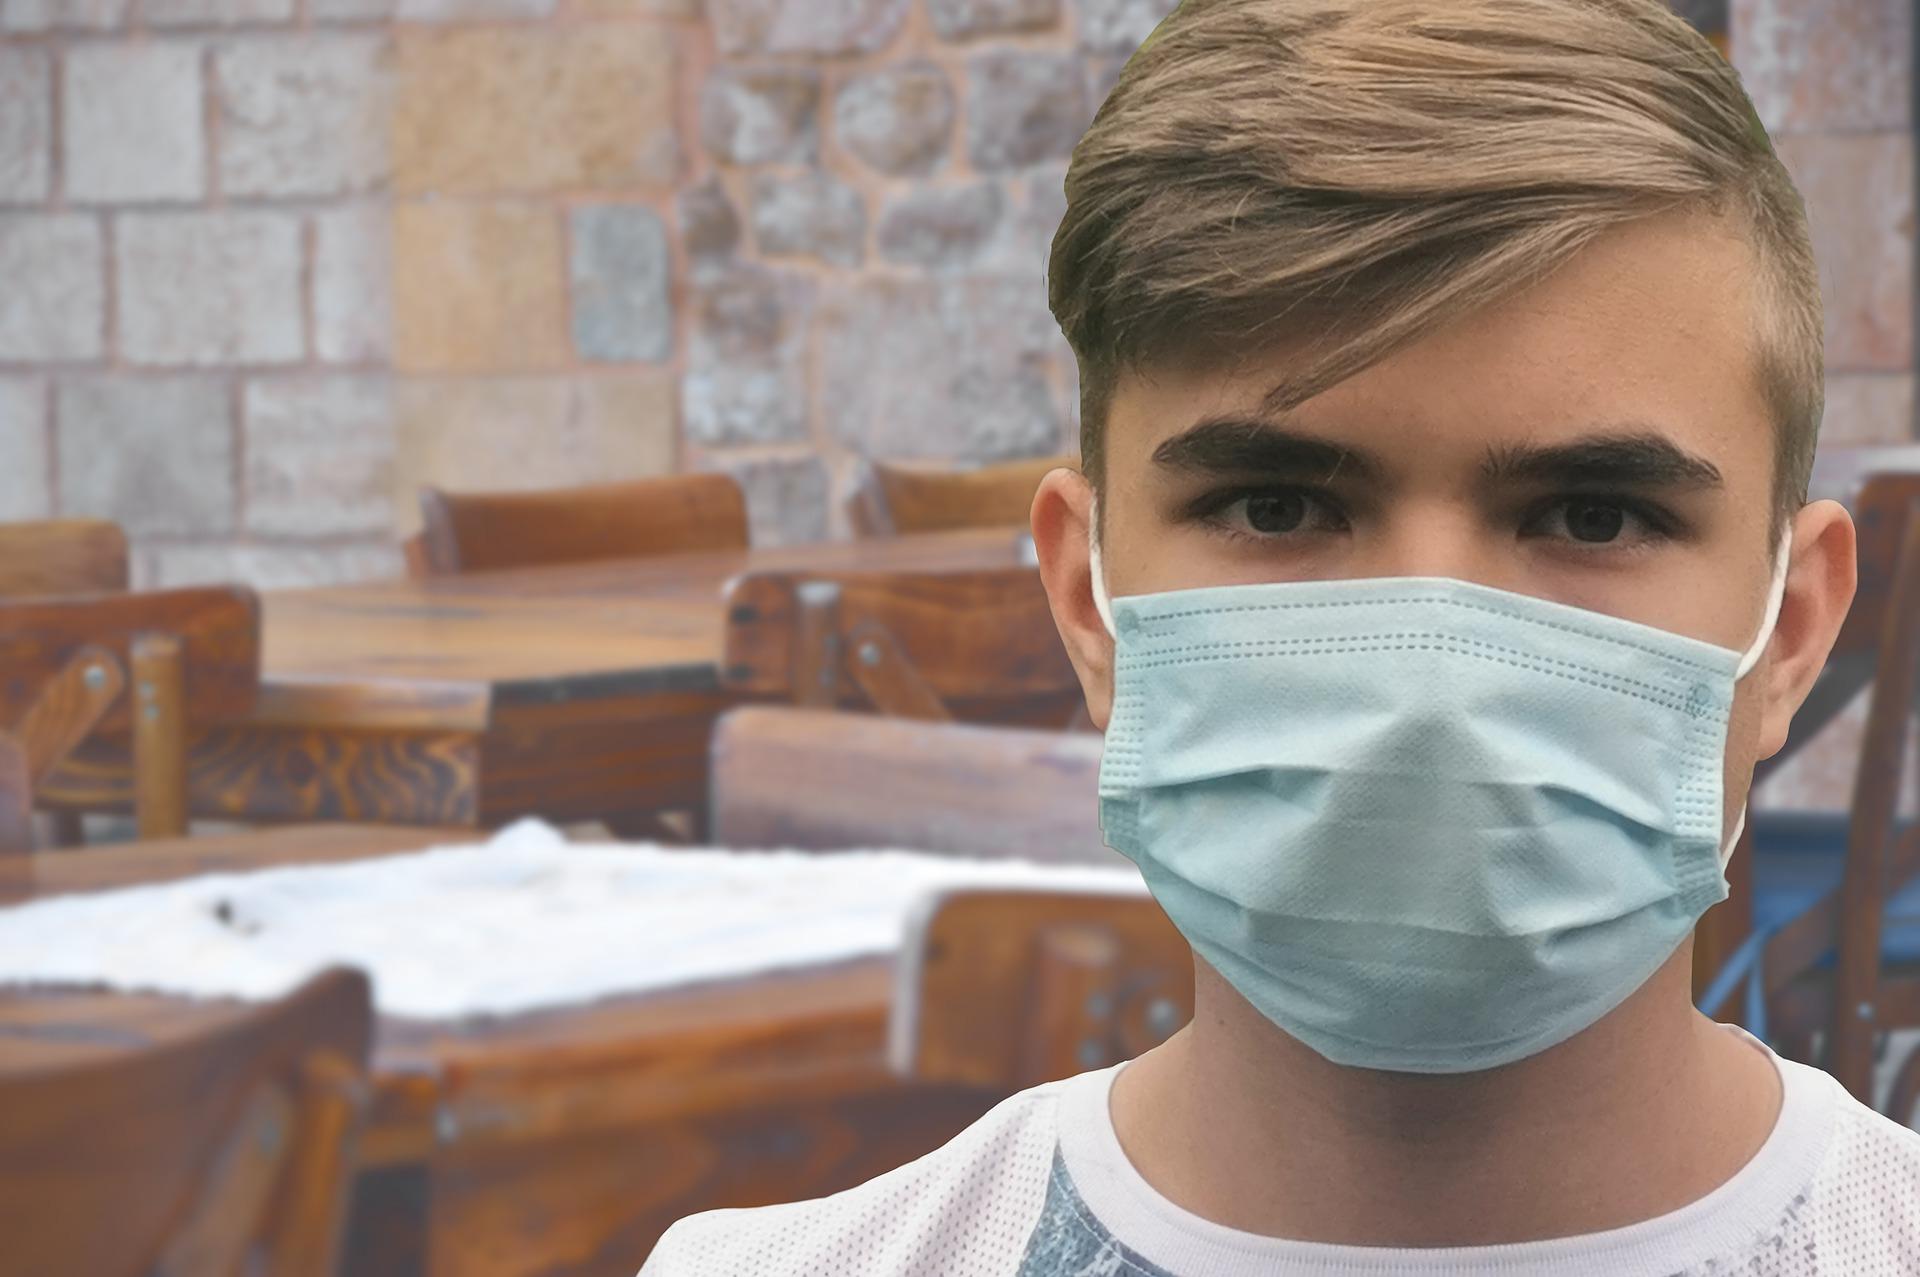 Sicurezza sul lavoro: il contagio biologico è infortunio sul lavoro?